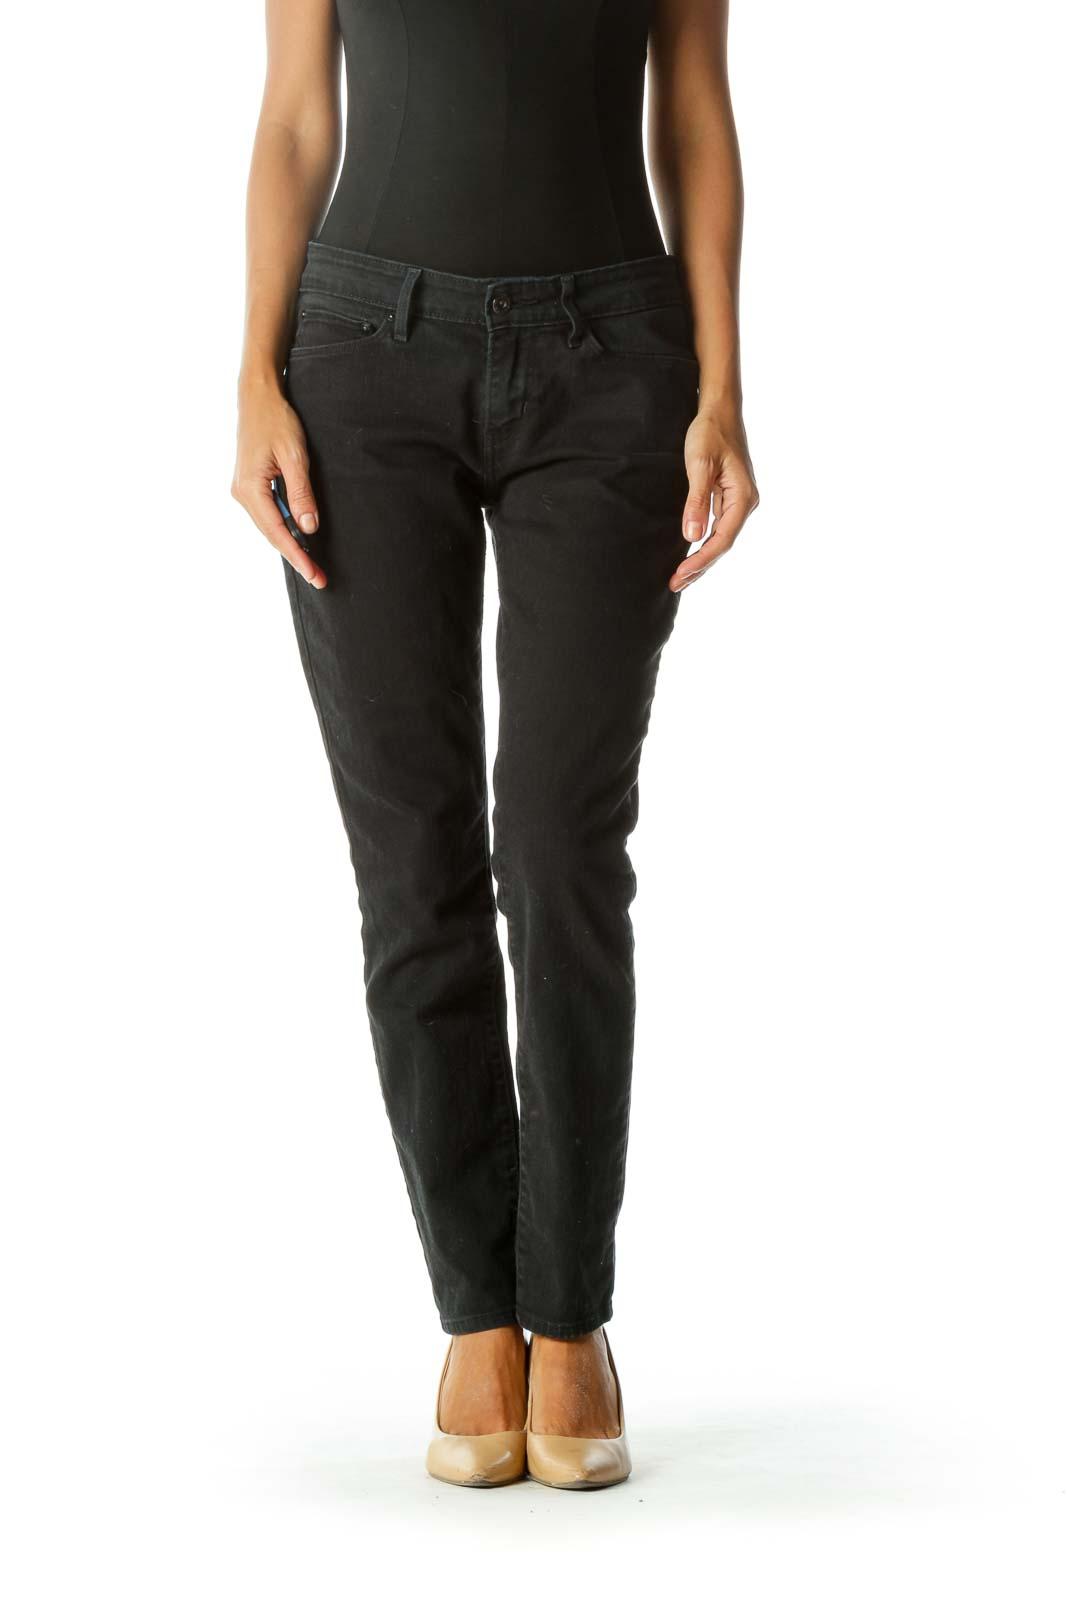 Black Skinny Jean Front